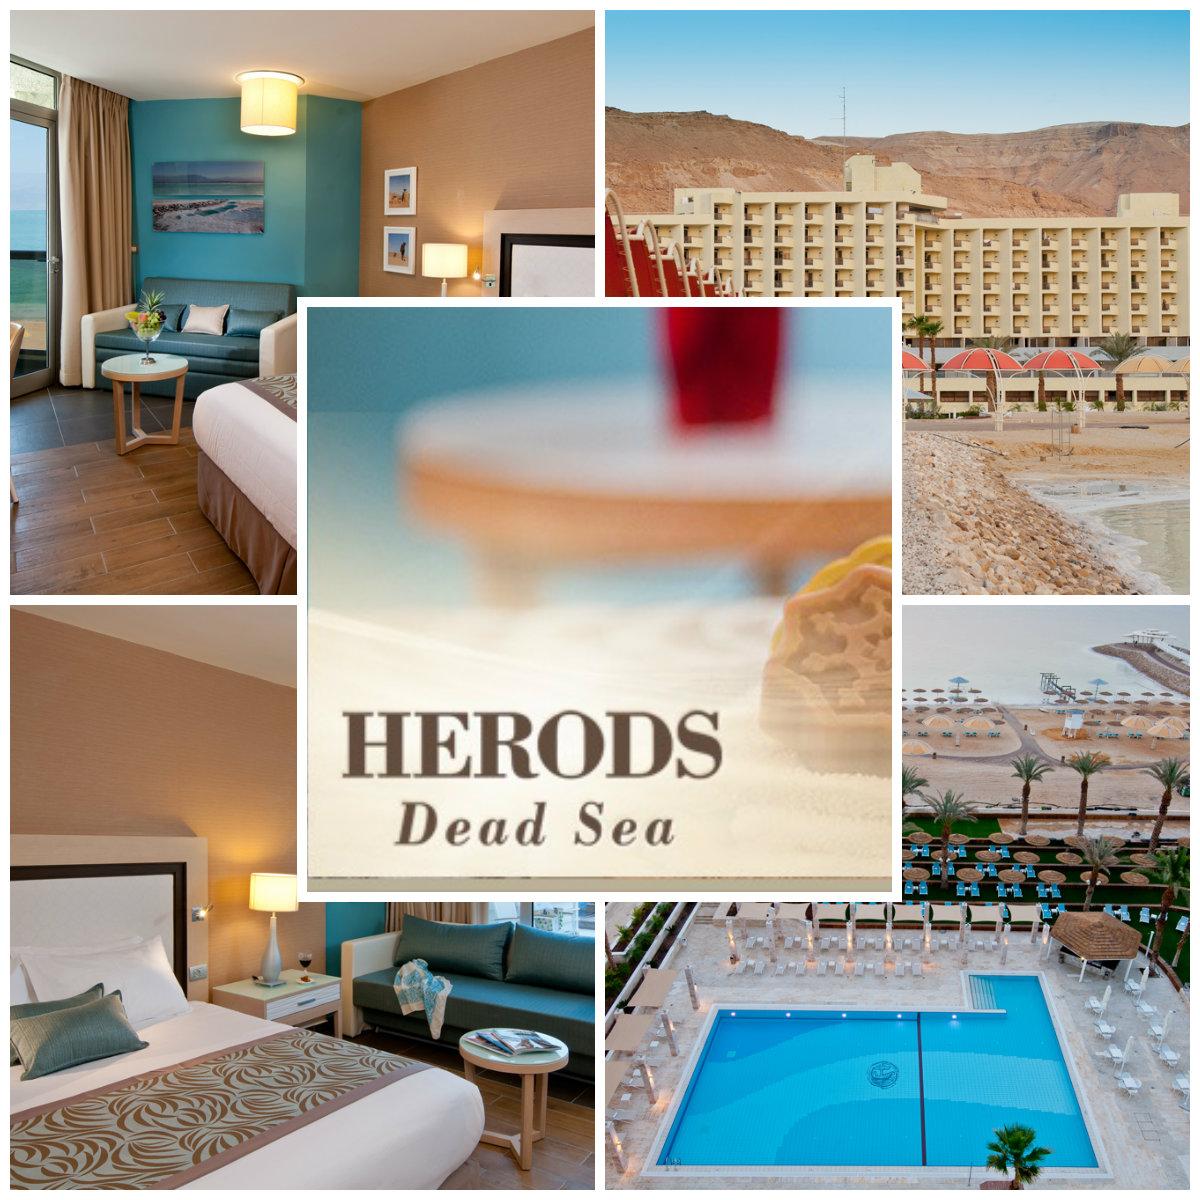 Herods Dead Sea – жемчужина сети Fattal